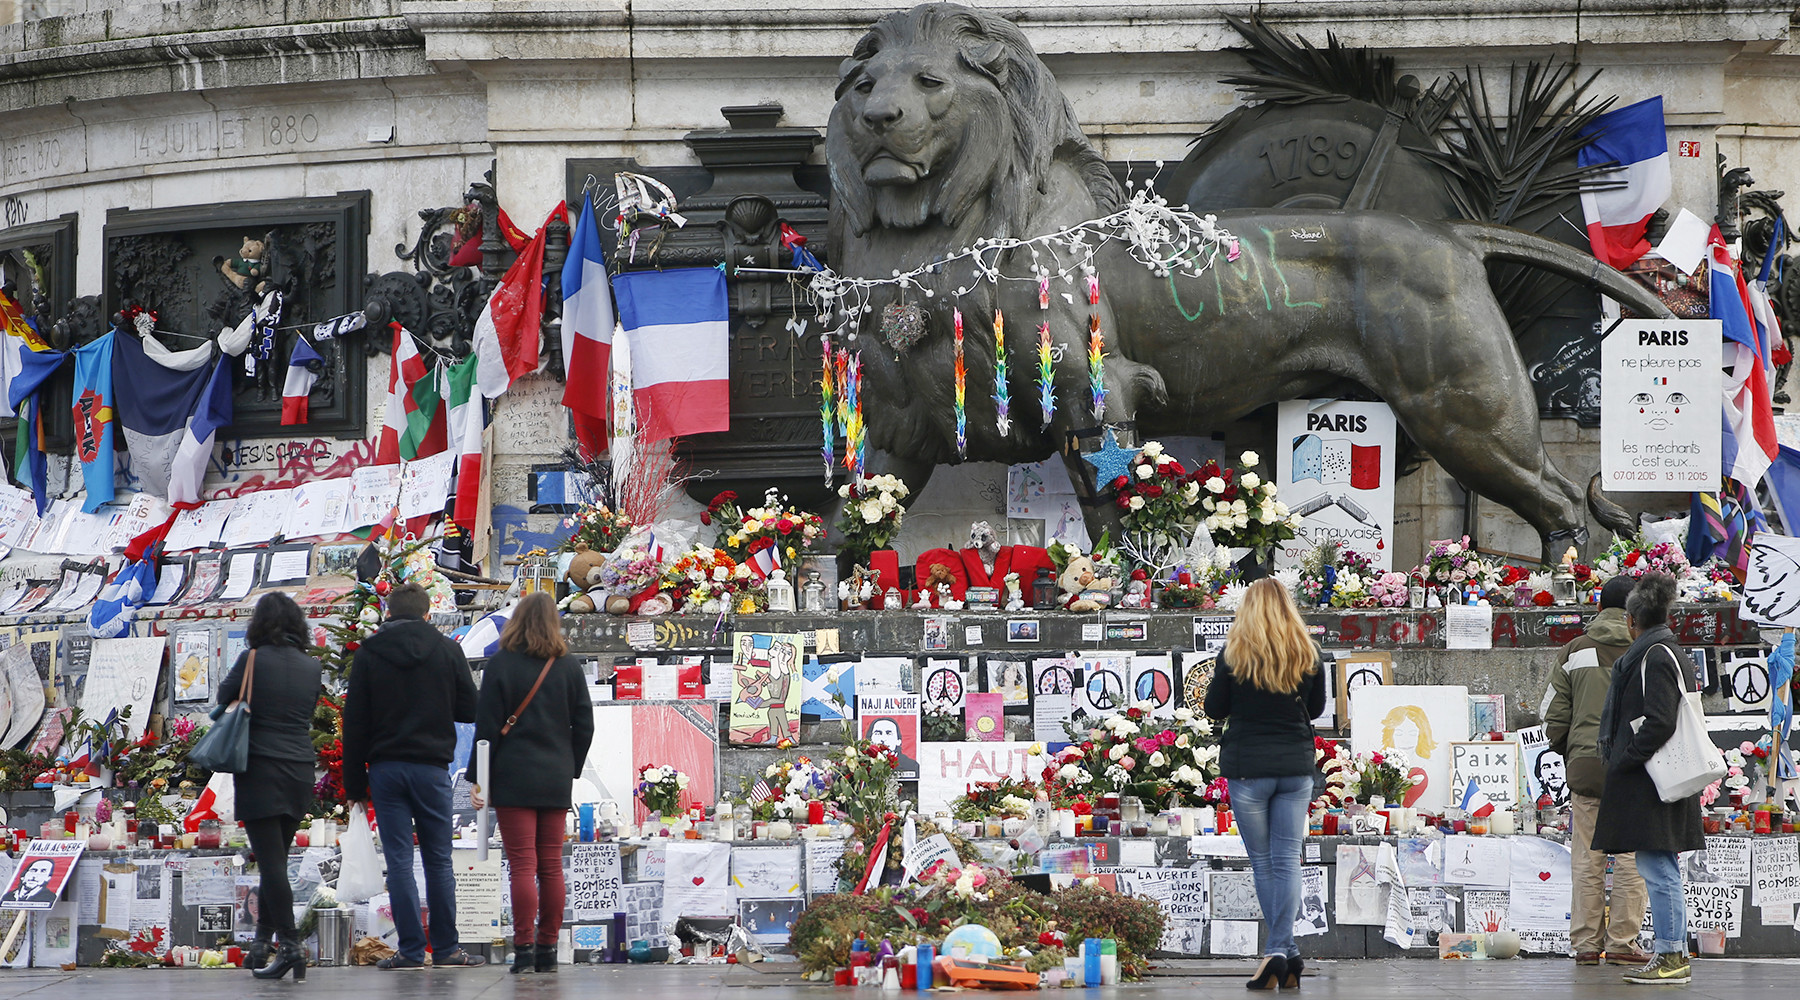 Риск в €15 тысяч: во Франции хотят запретить публикацию фотографий и имён террористов в СМИ